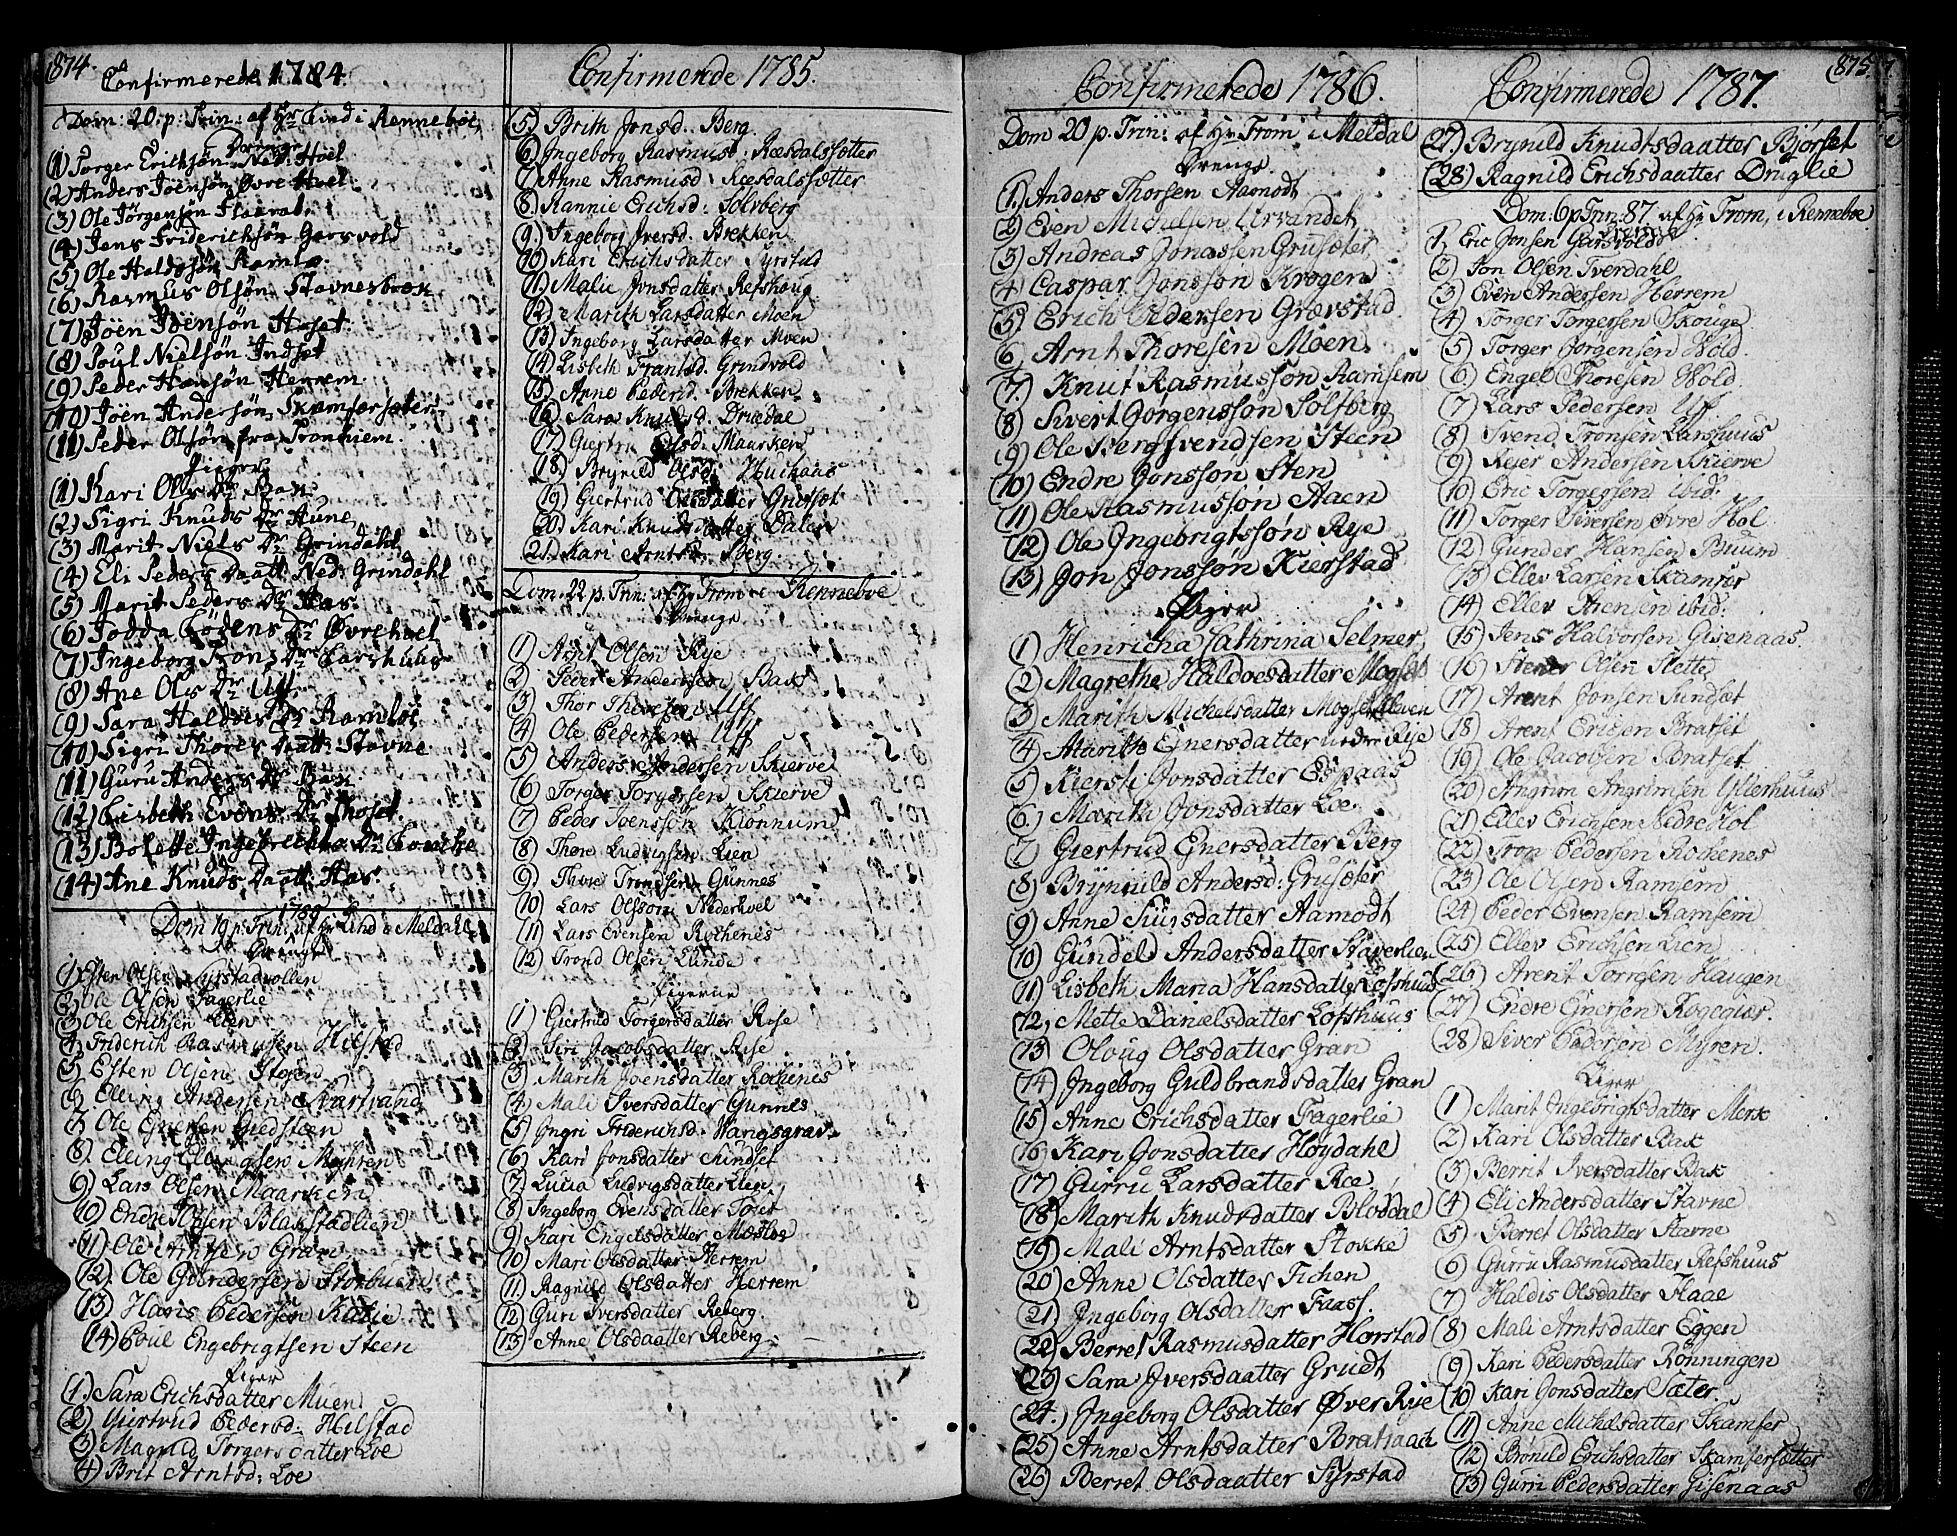 SAT, Ministerialprotokoller, klokkerbøker og fødselsregistre - Sør-Trøndelag, 672/L0852: Ministerialbok nr. 672A05, 1776-1815, s. 874-875